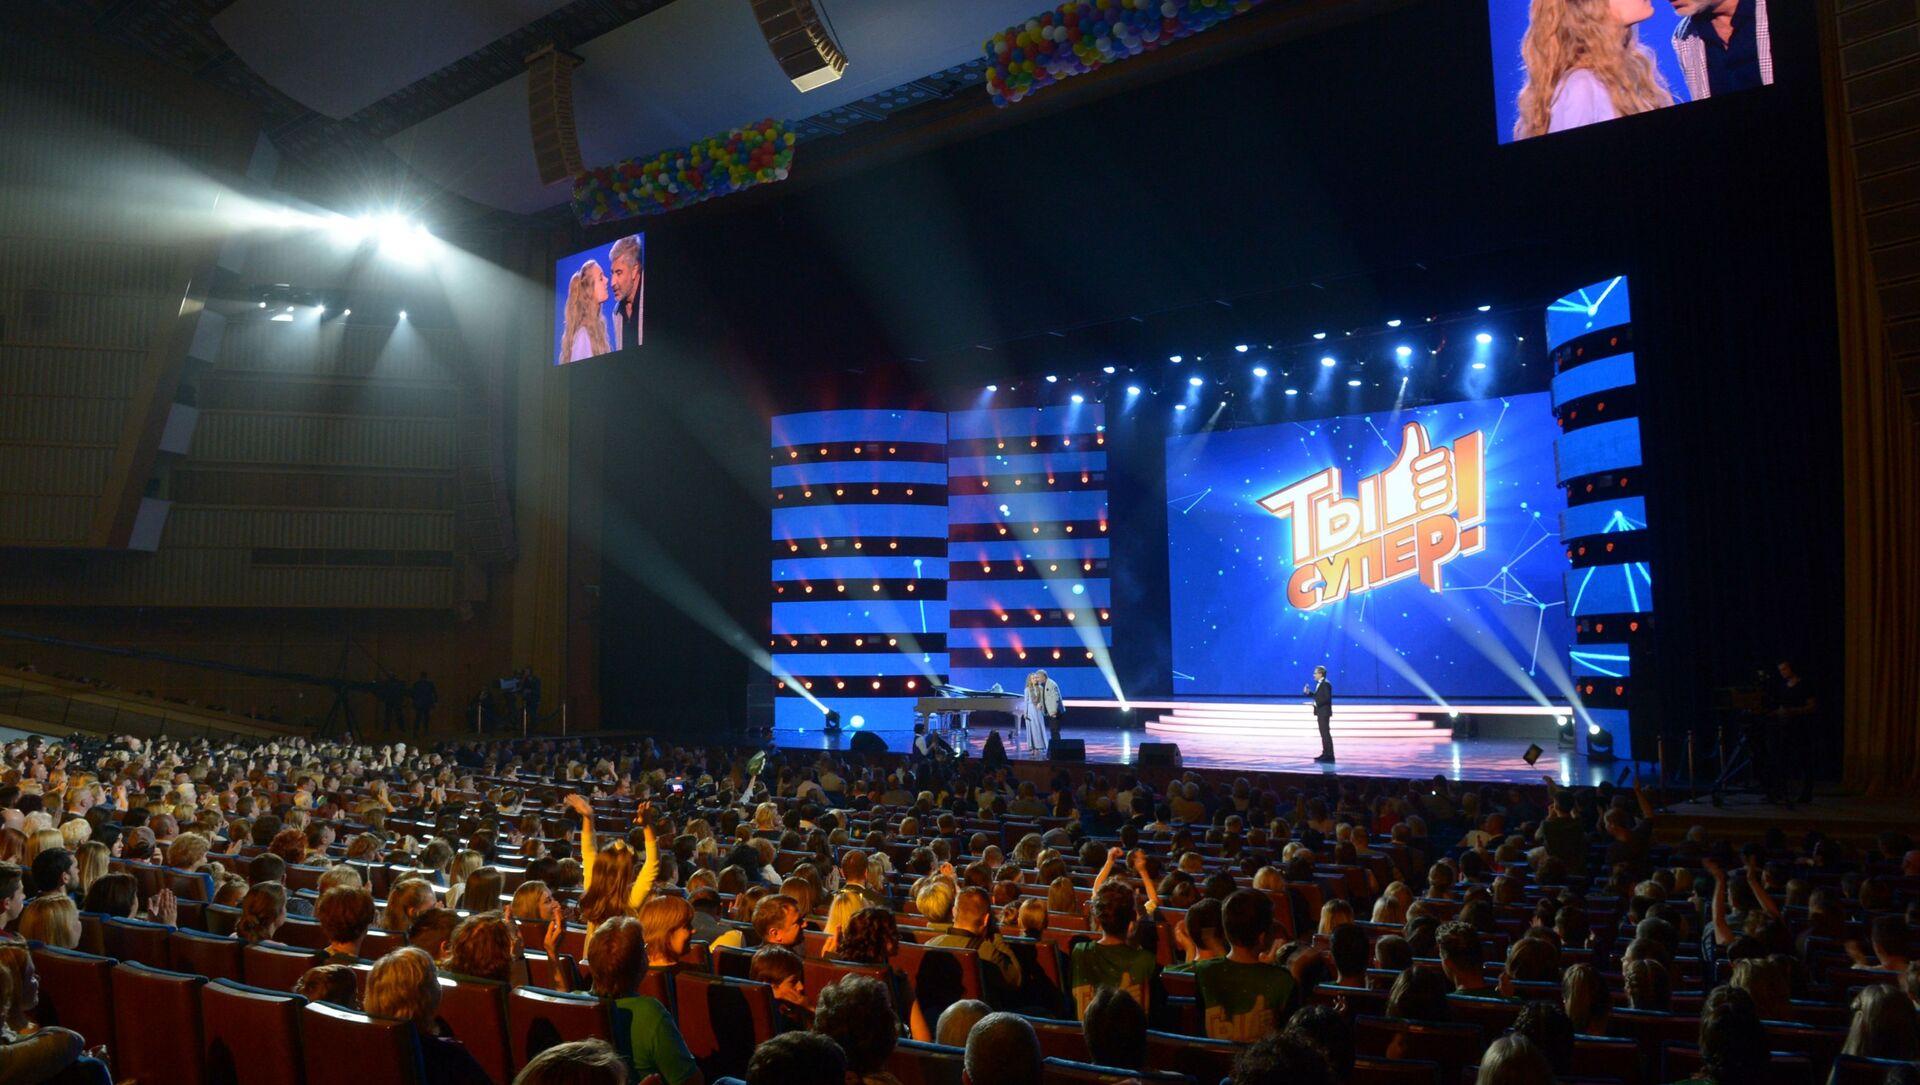 Финал конкурса Ты супер! в Государственном Кремлевском Дворце - Sputnik Абхазия, 1920, 03.09.2021